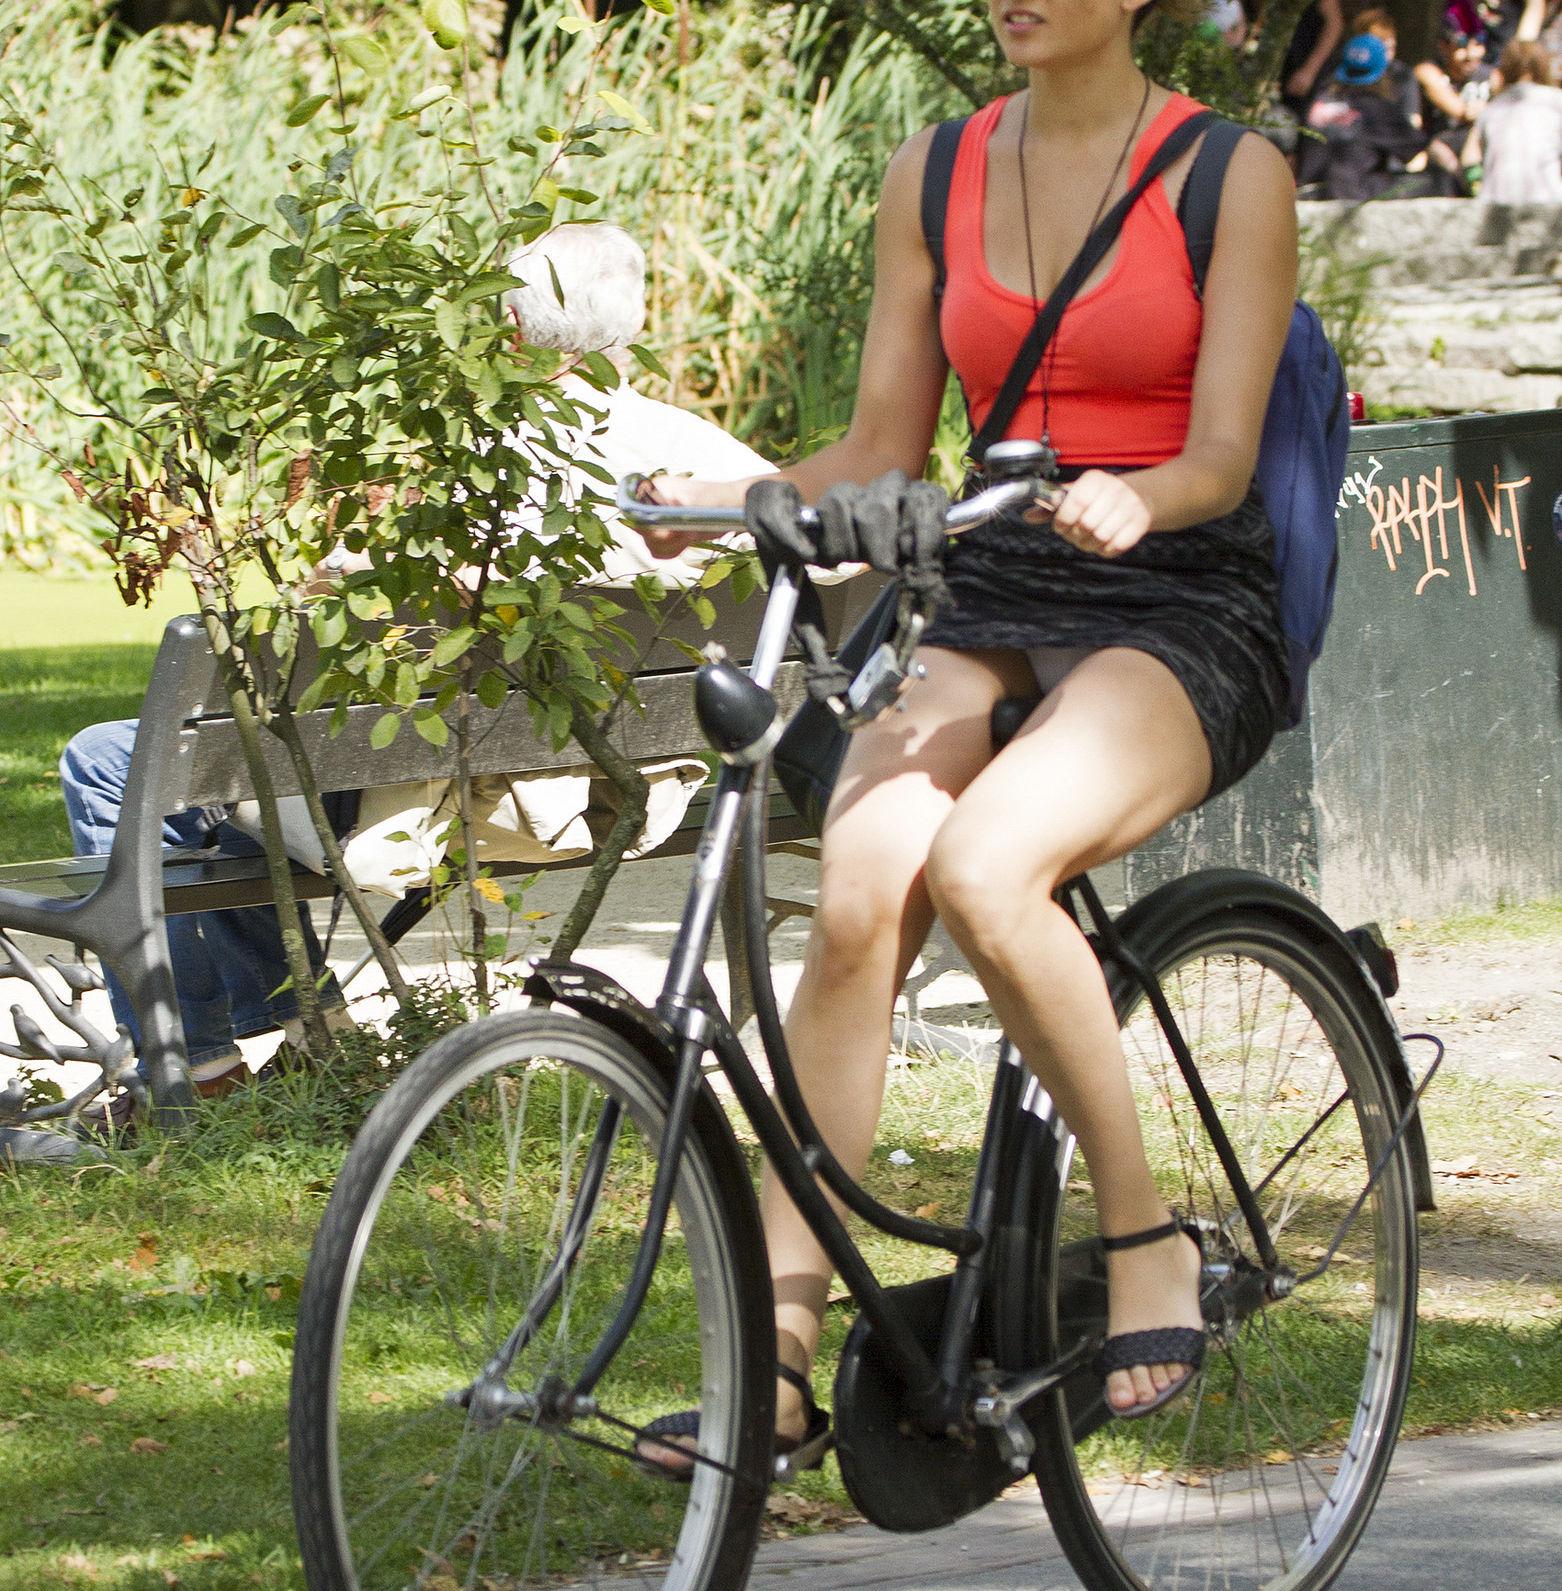 ミニスカ自転車まんさん、、きちんと心の準備をしていた。(画像)・22枚目